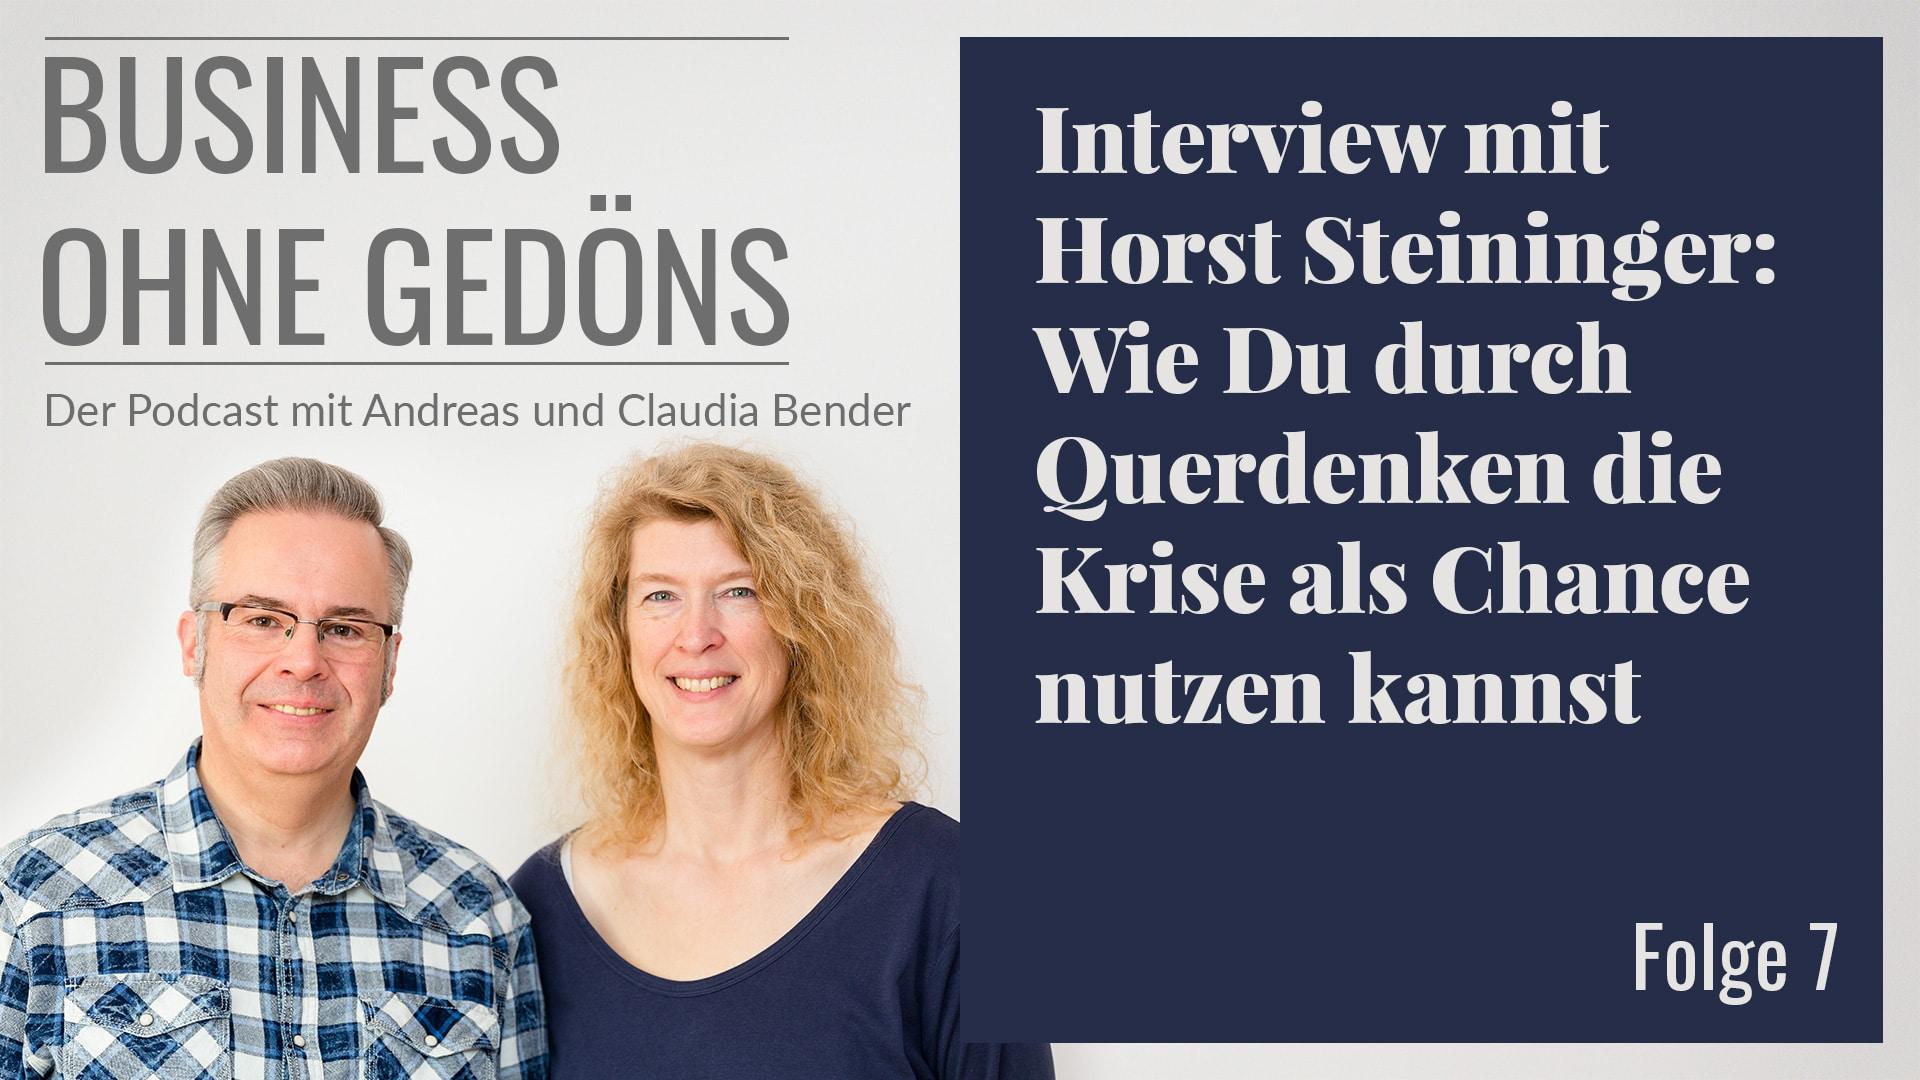 BOG 007 – Interview mit Horst Steininger: Wie Du durch Querdenken die Krise als Chance nutzen kannst